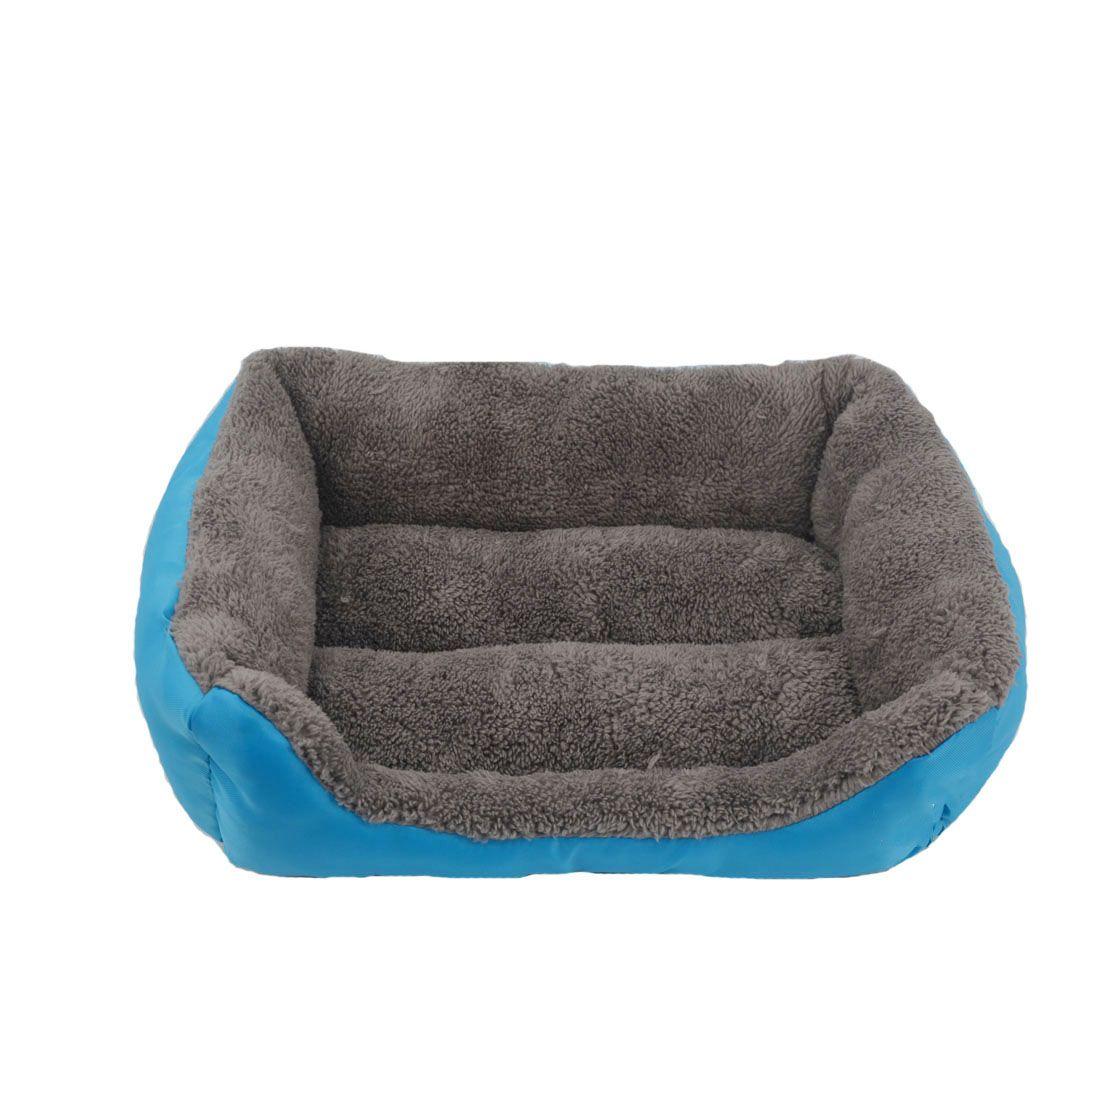 애완 동물 침대 방수 온난 고양이 개 강아지 강아지 애완 동물 실내 잠자는 집 고양이 가을 겨울 개 고양이 침대 3X- 대형